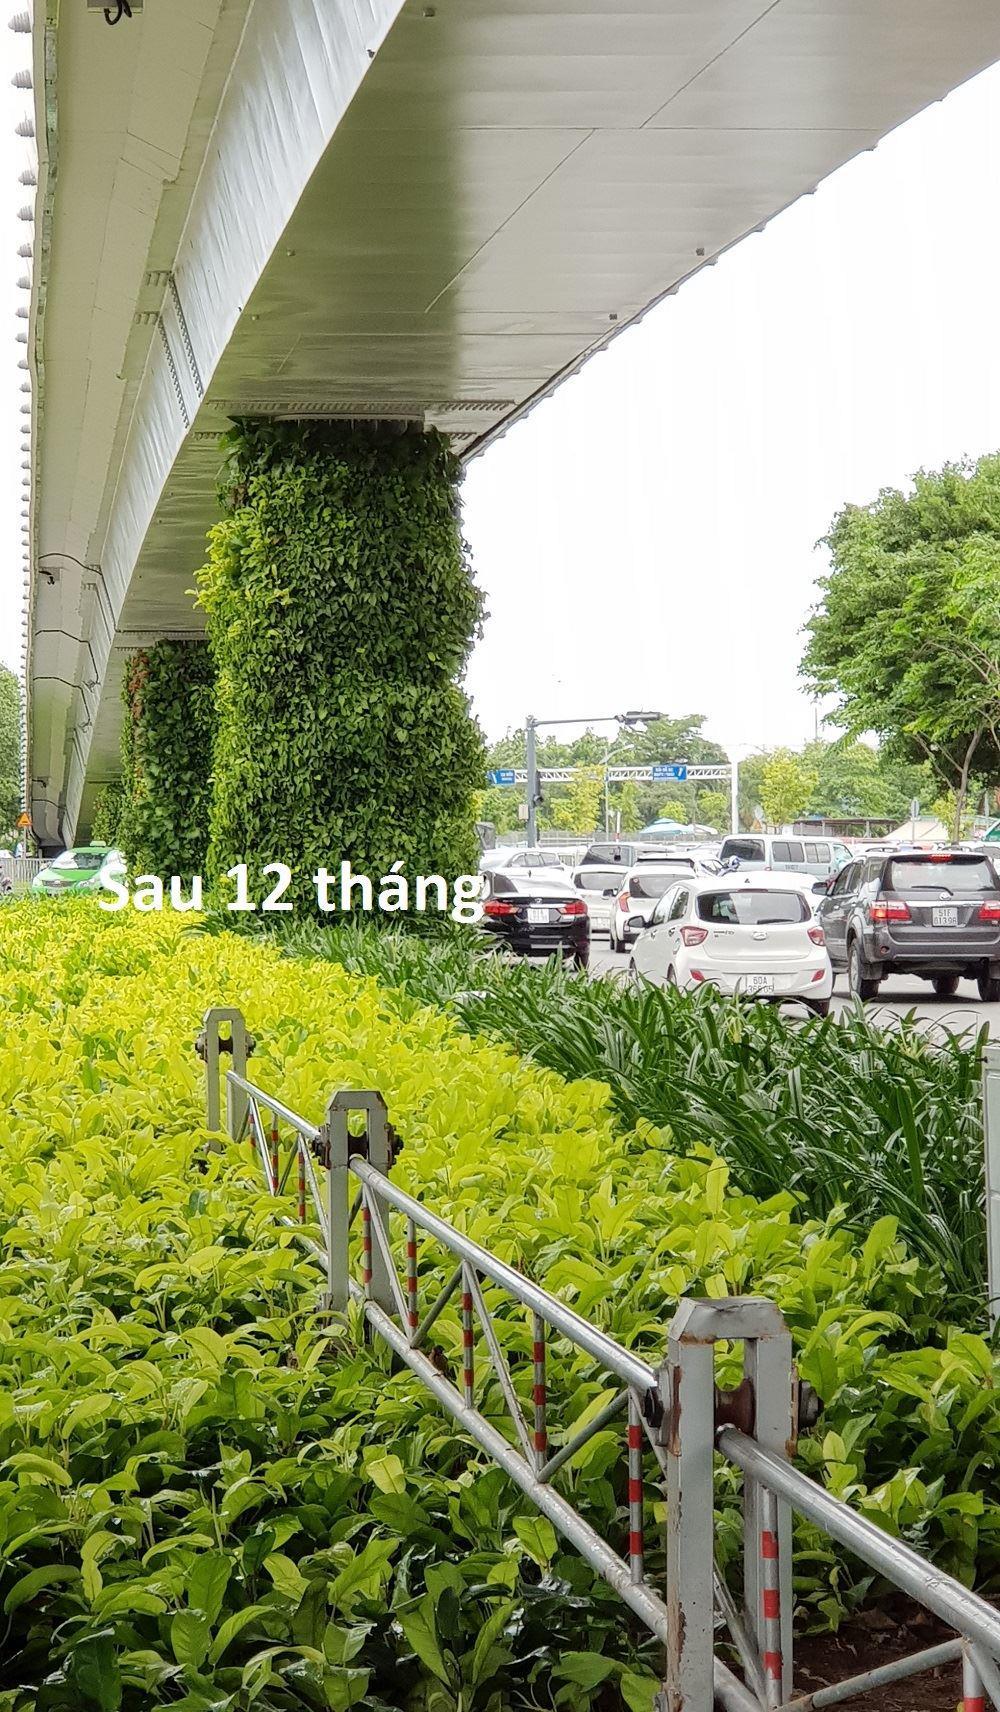 tuong-dung-san-bay-TSN-sau 12 thang 2